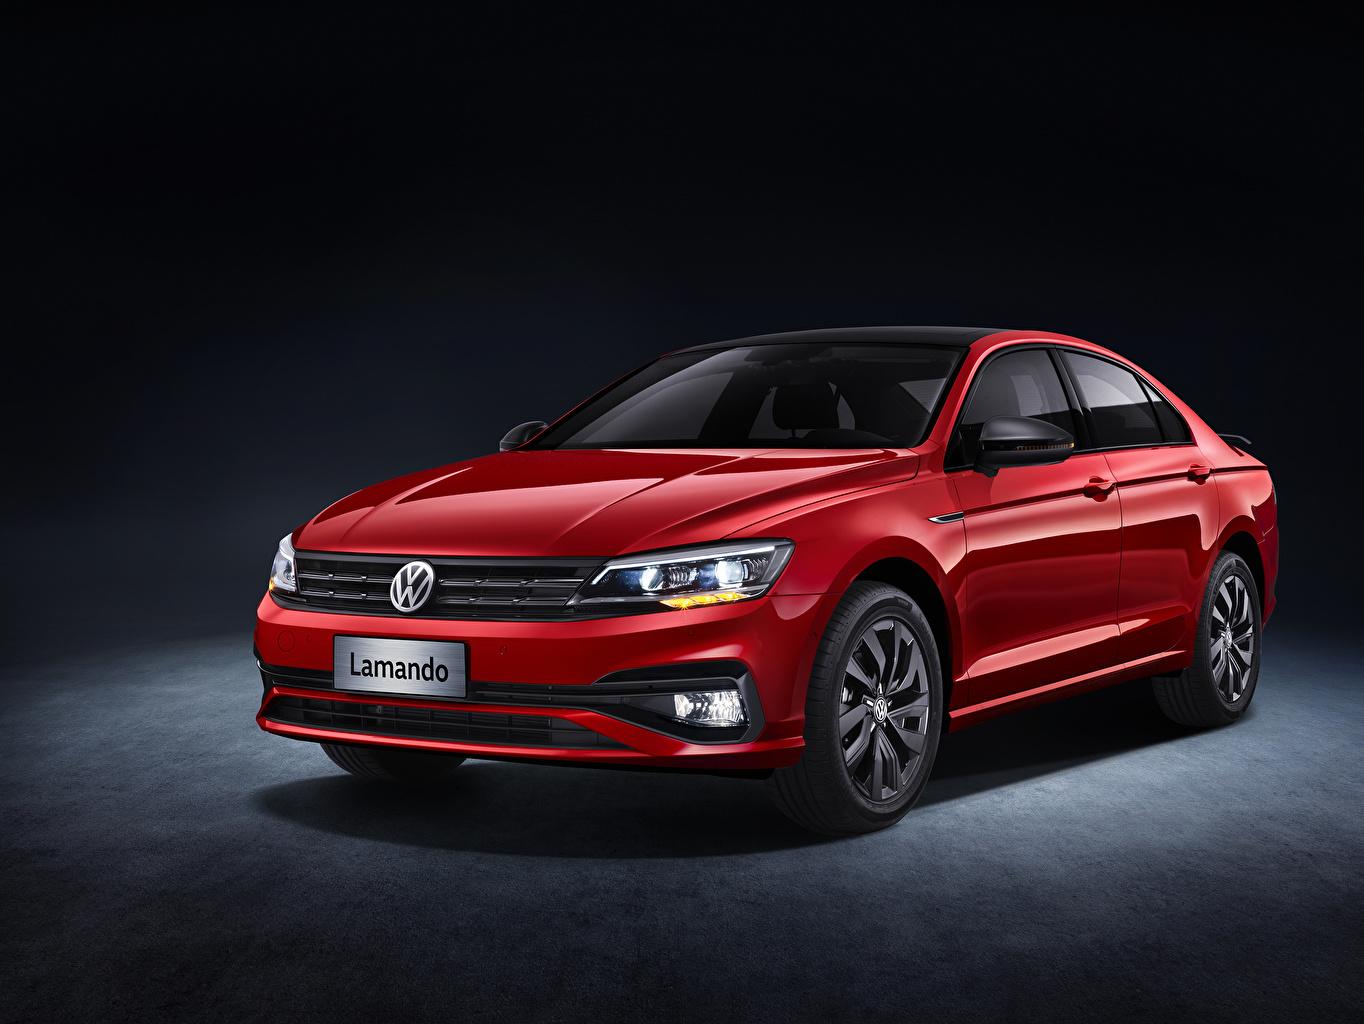 Фотография Volkswagen Lamando Black Pack, 2020 Красный Металлик Автомобили Фольксваген красная красные красных авто машины машина автомобиль